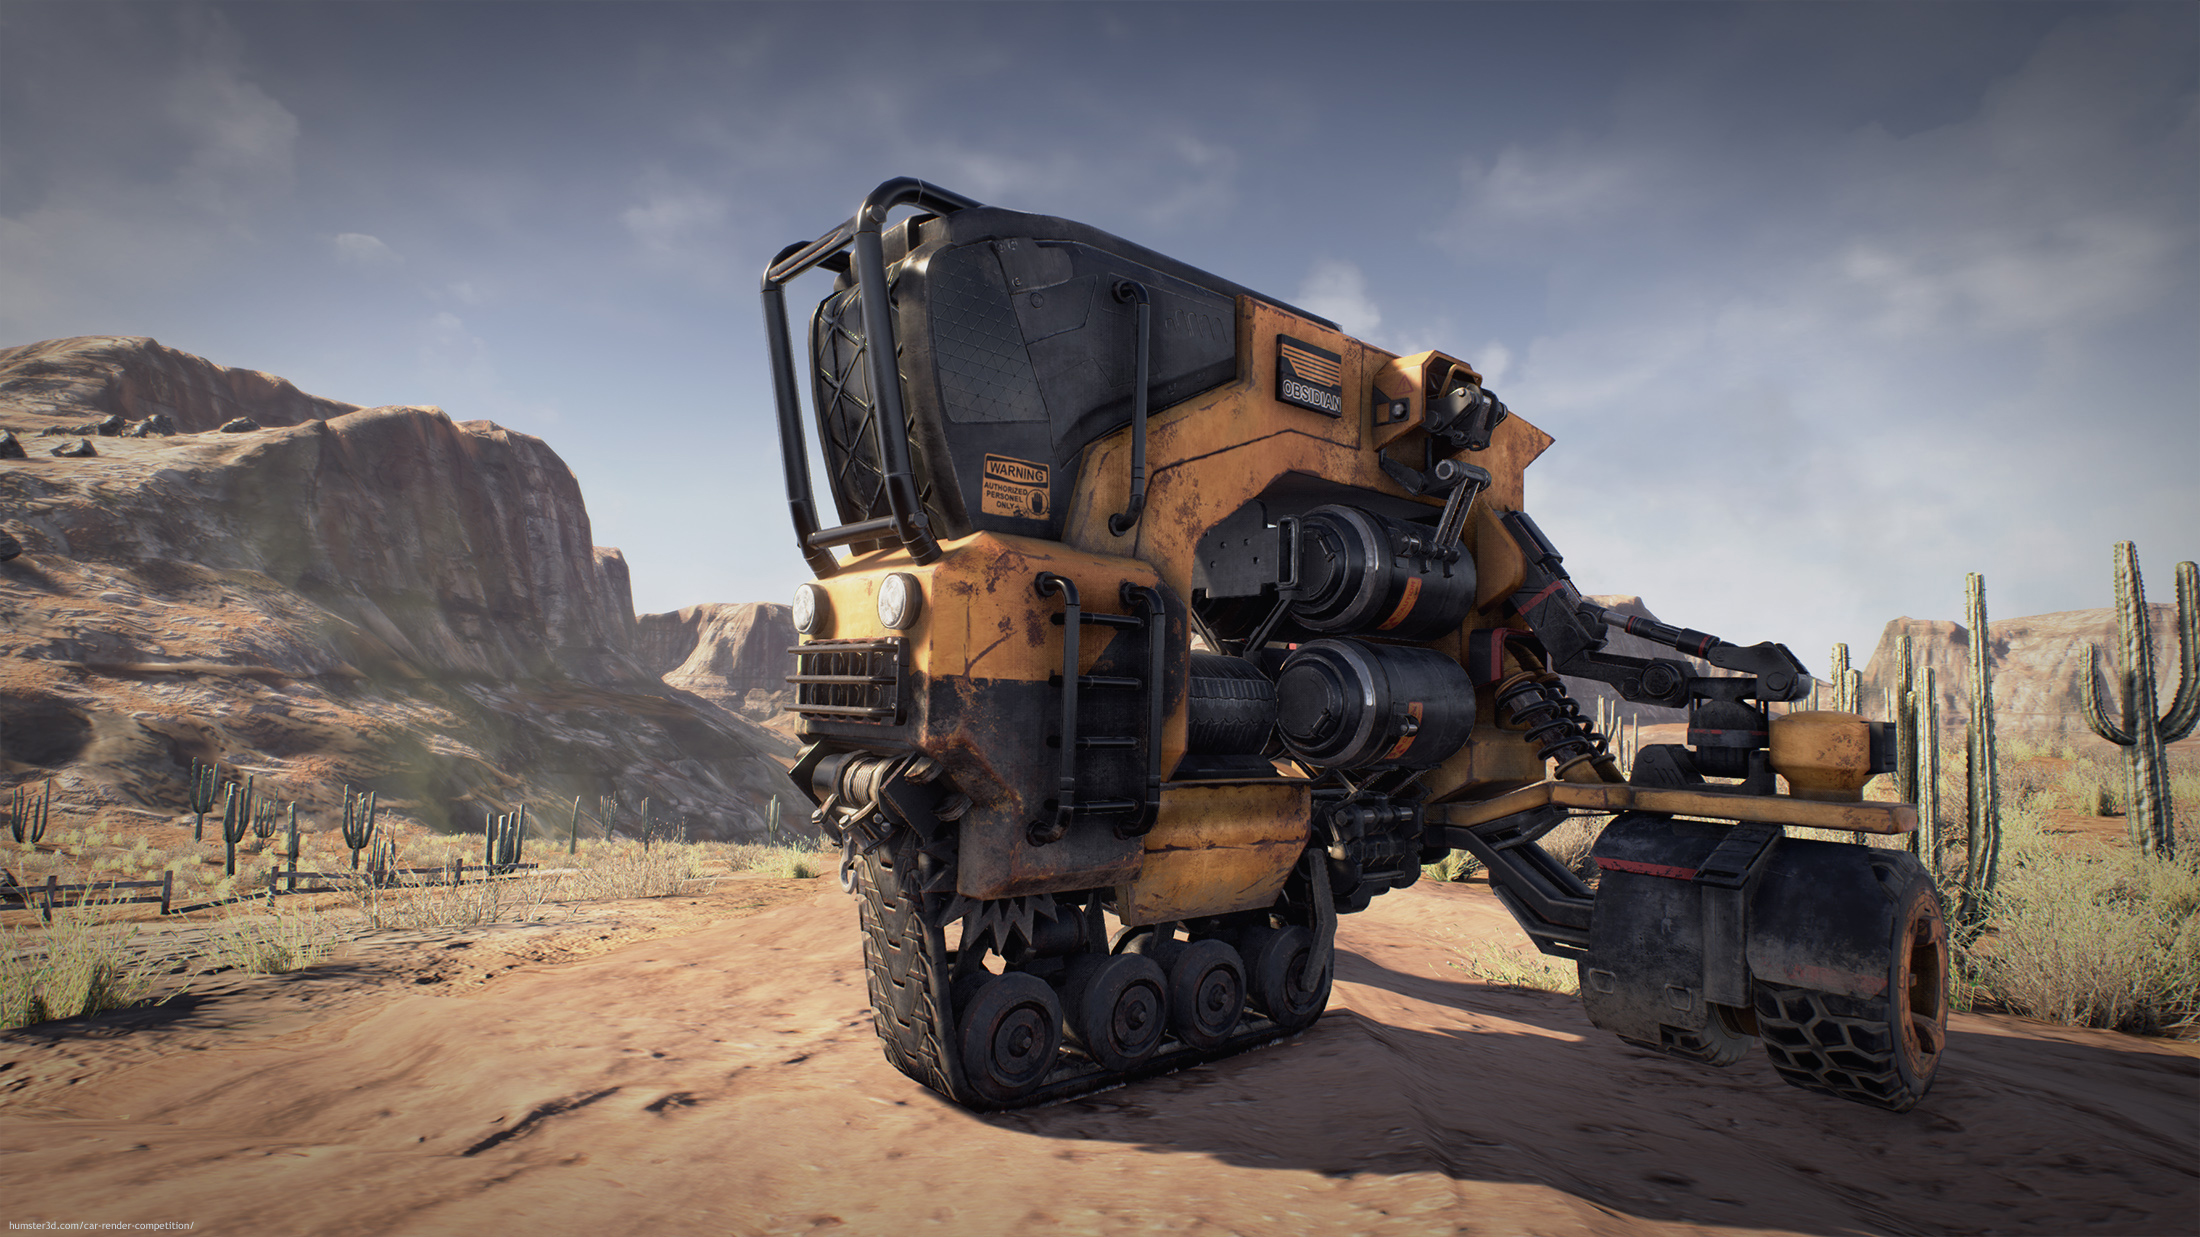 Desert explorer 3d art